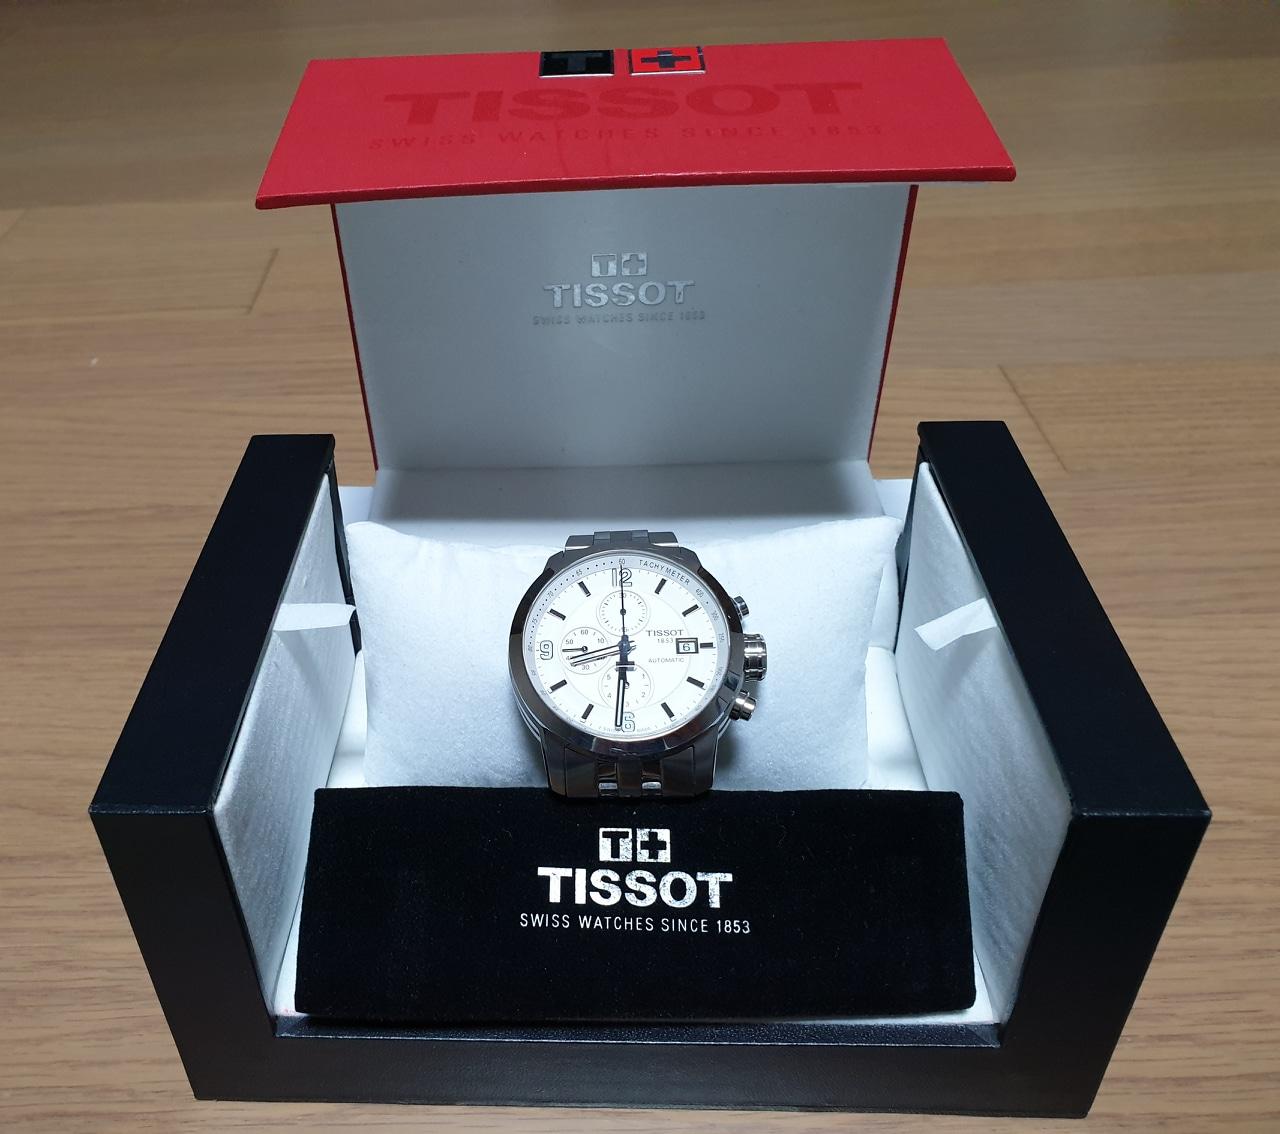 TISSOT(남성 띠쏘 시계)